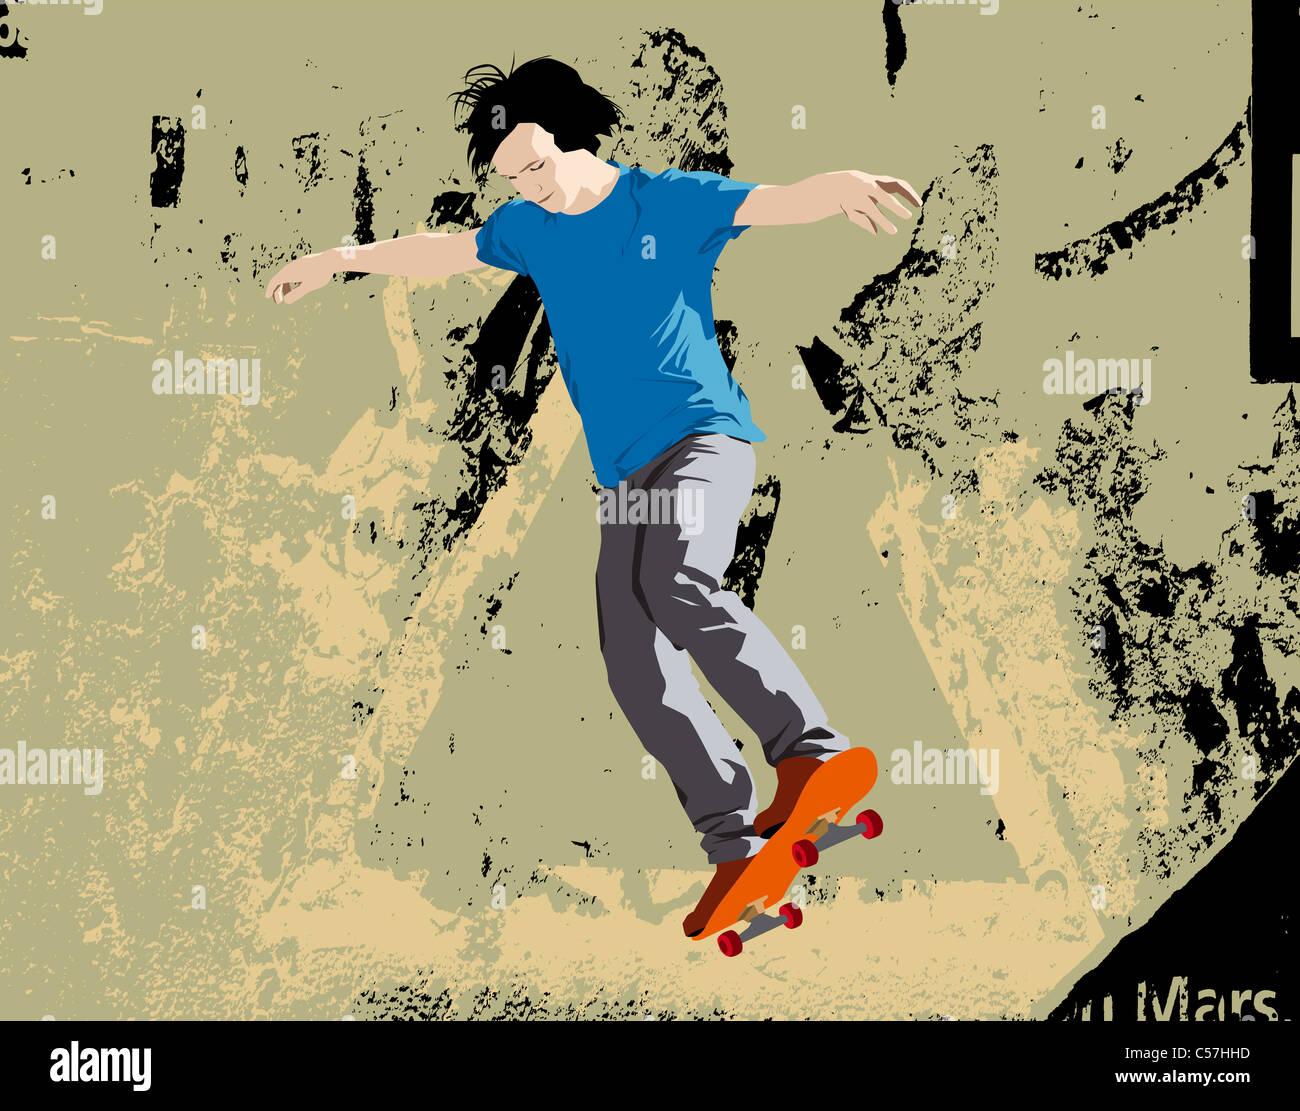 Joven skater saltando. Ilustración vectorial con Grunge antecedentes. Imagen De Stock